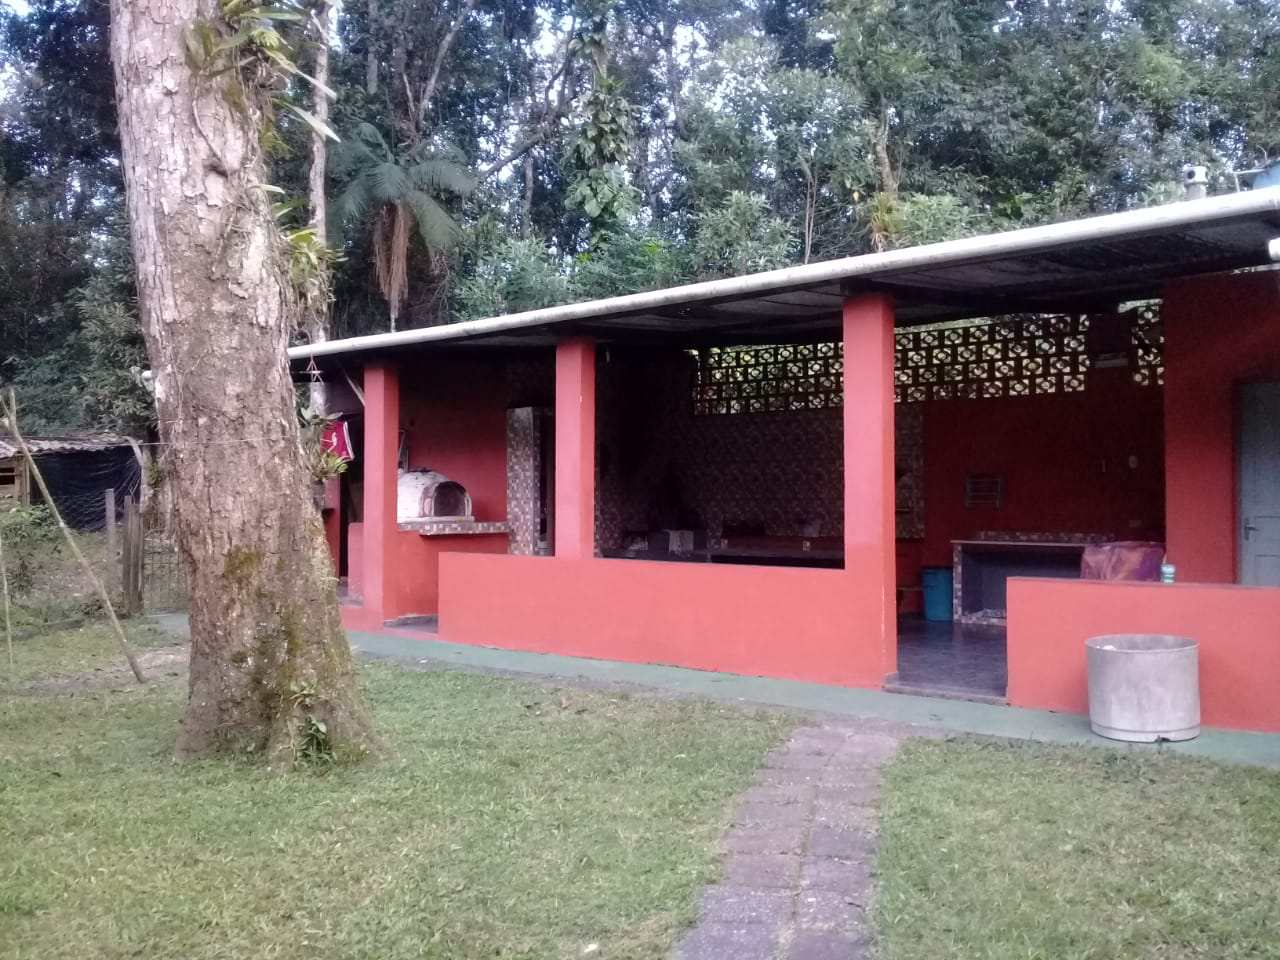 Chácara com 3 dorms, Vila Parque Fluvial, Itanhaém - R$ 250 mil, Cod: 5278